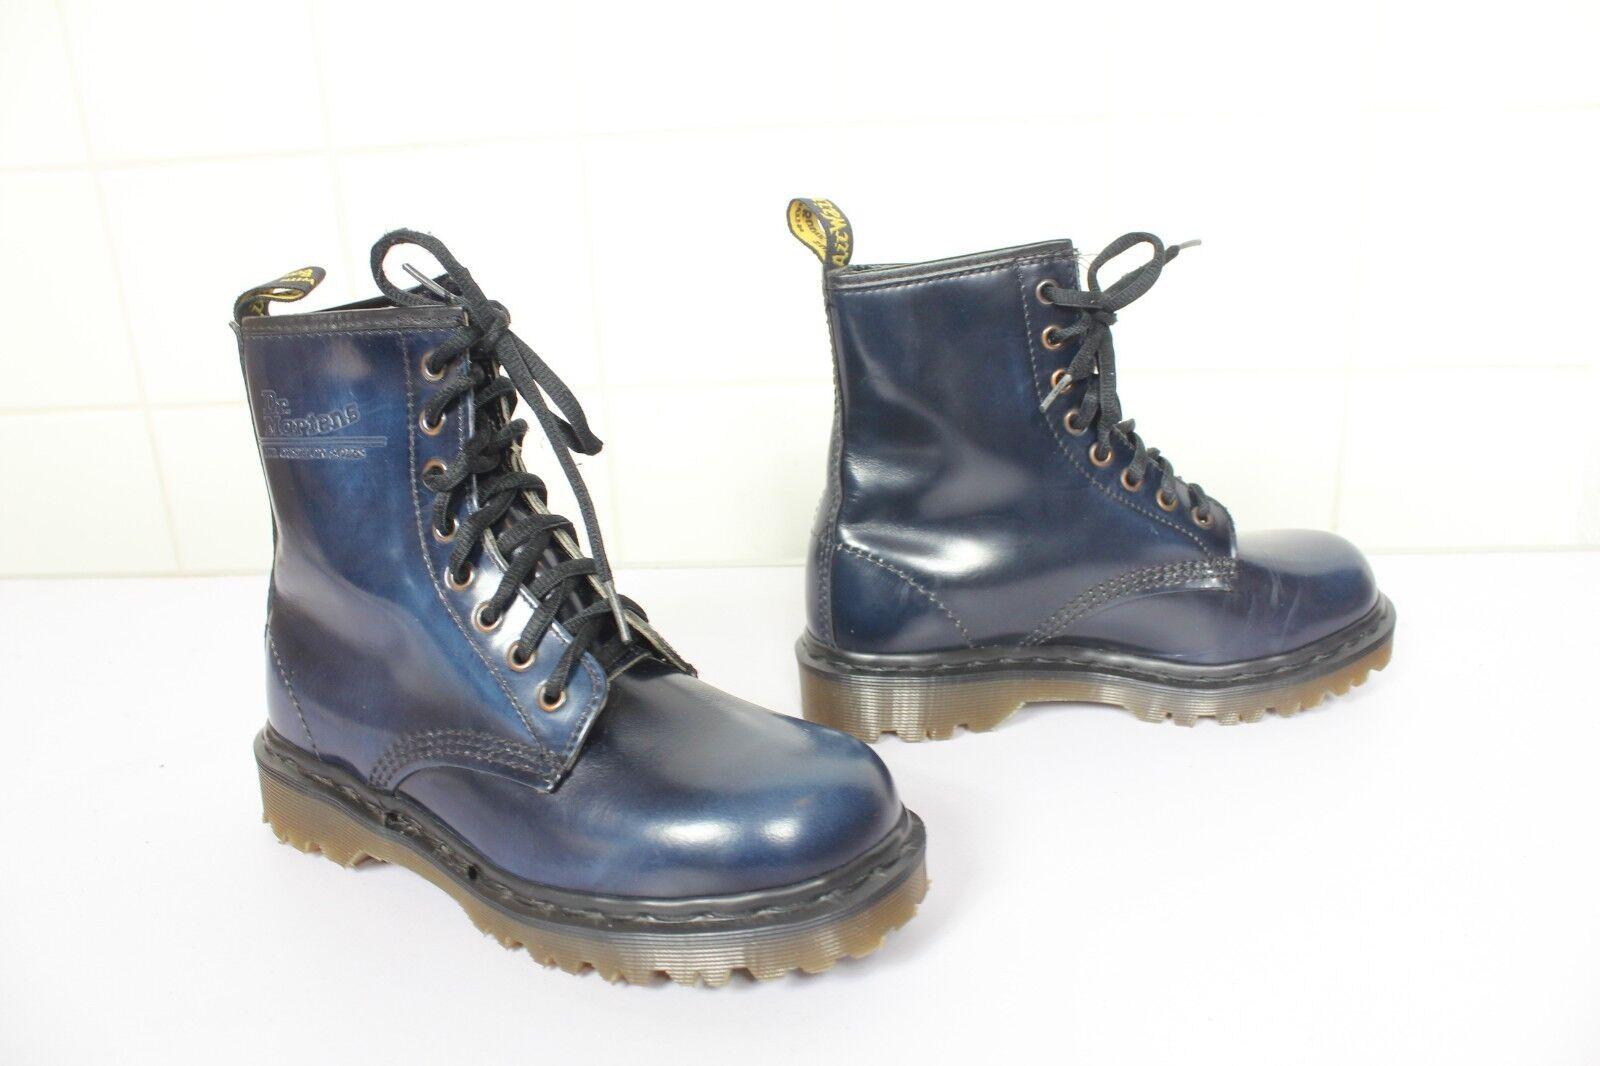 a precios asequibles Vintage Dr. Martens rarezas Model Model Model botas azul oscuro eu 36, 5-uk 4 fabricado en Inglaterra  distribución global